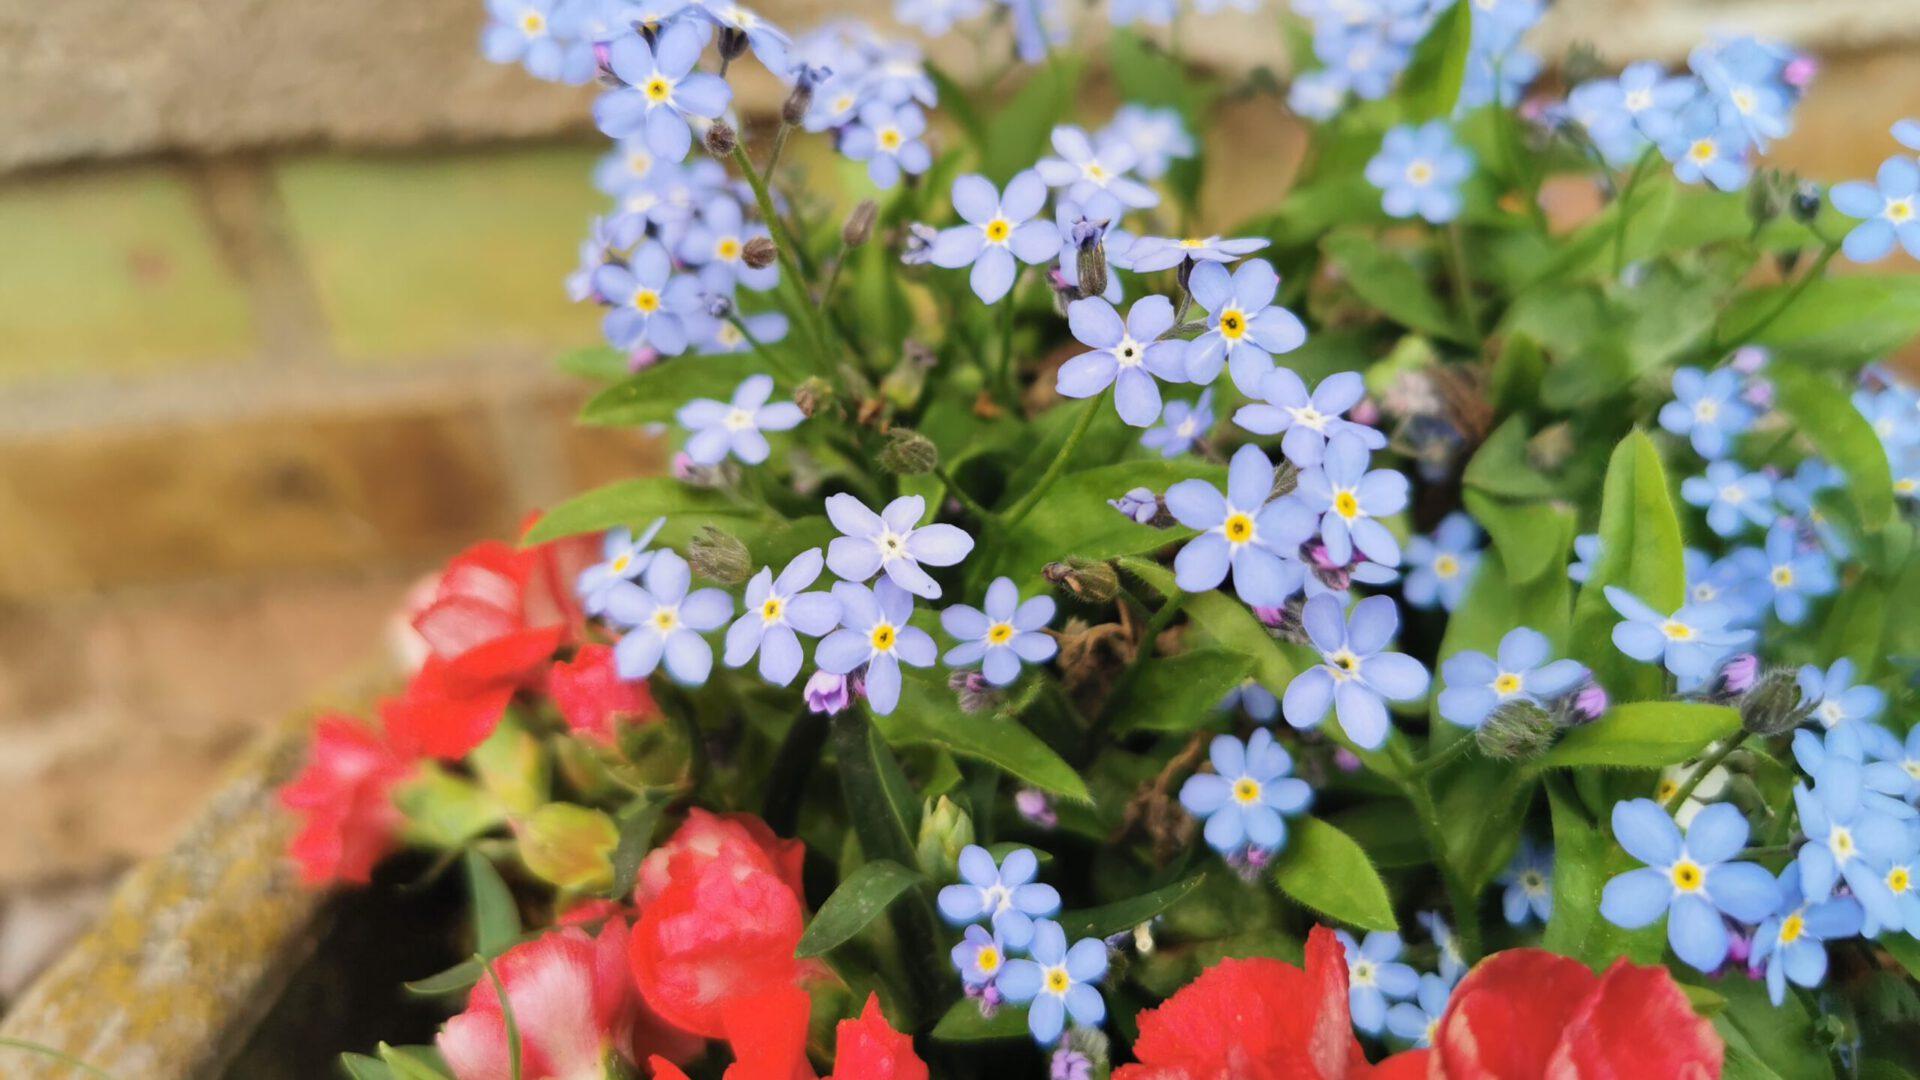 Willkommen bei Eckes Blumenwelt